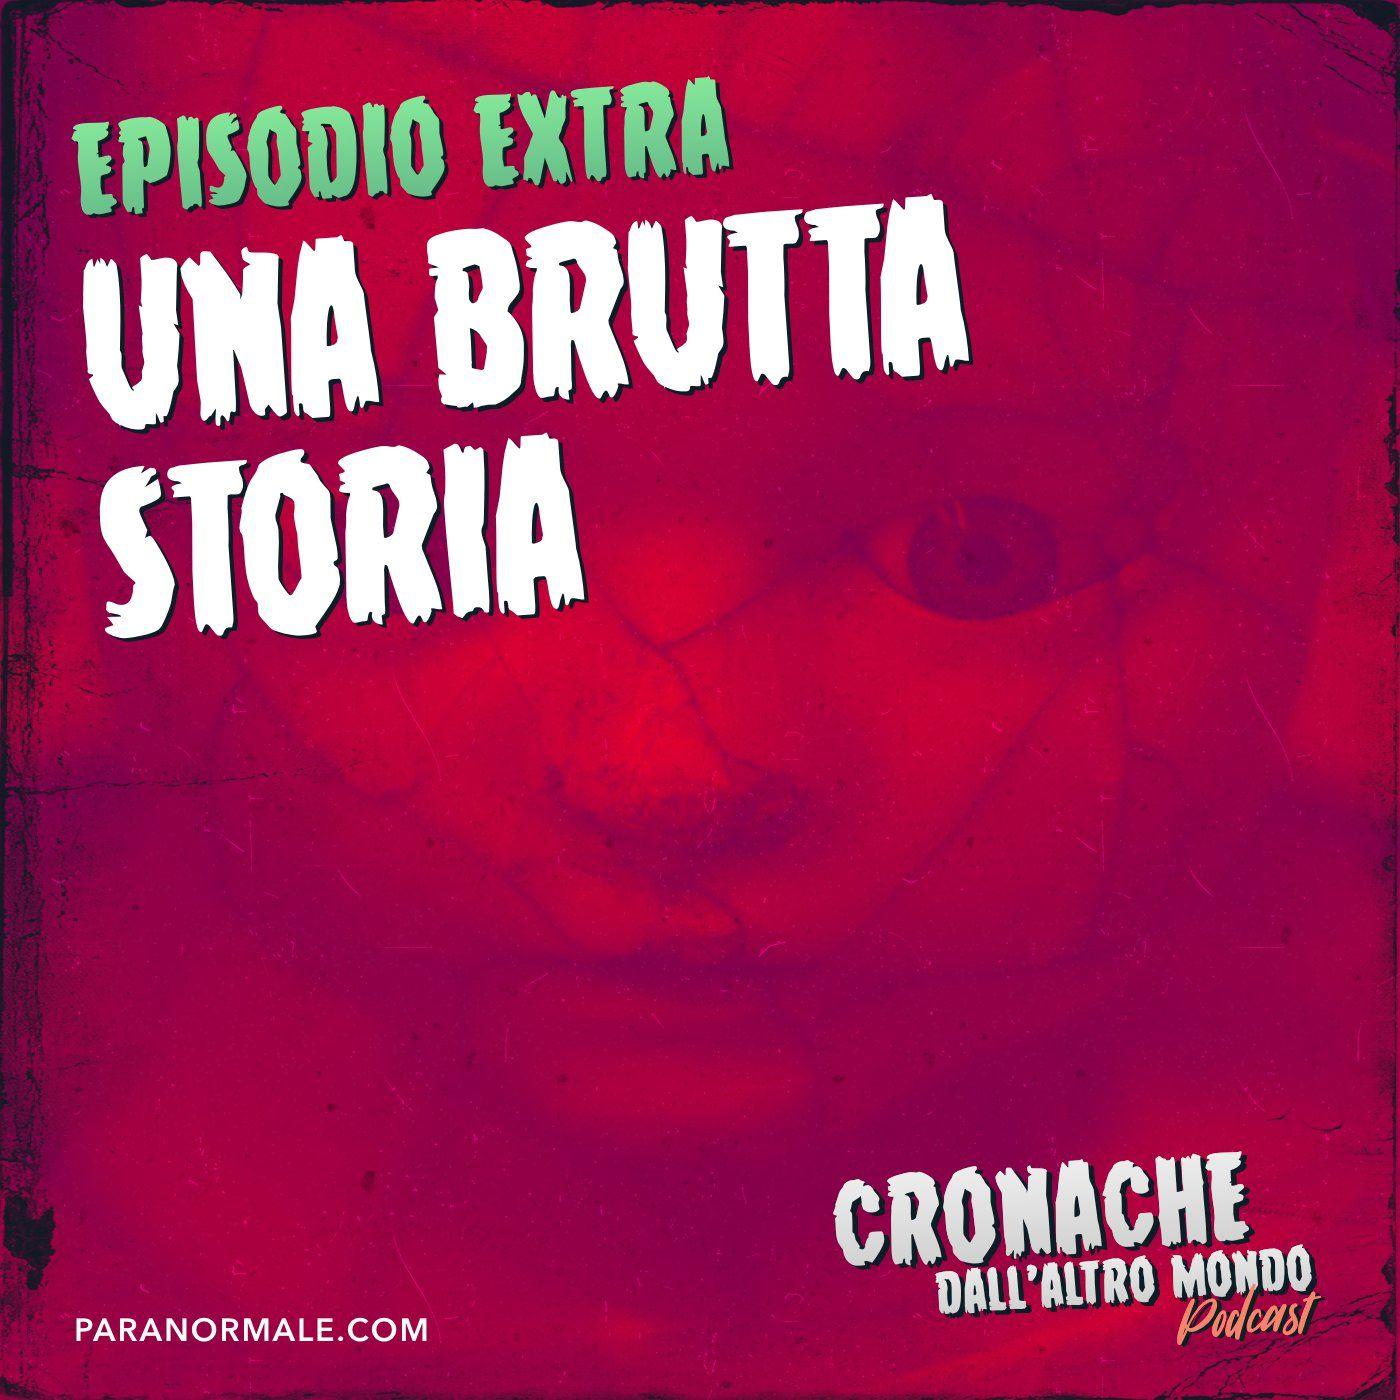 S02 Ep.02 Extra - Una brutta storia